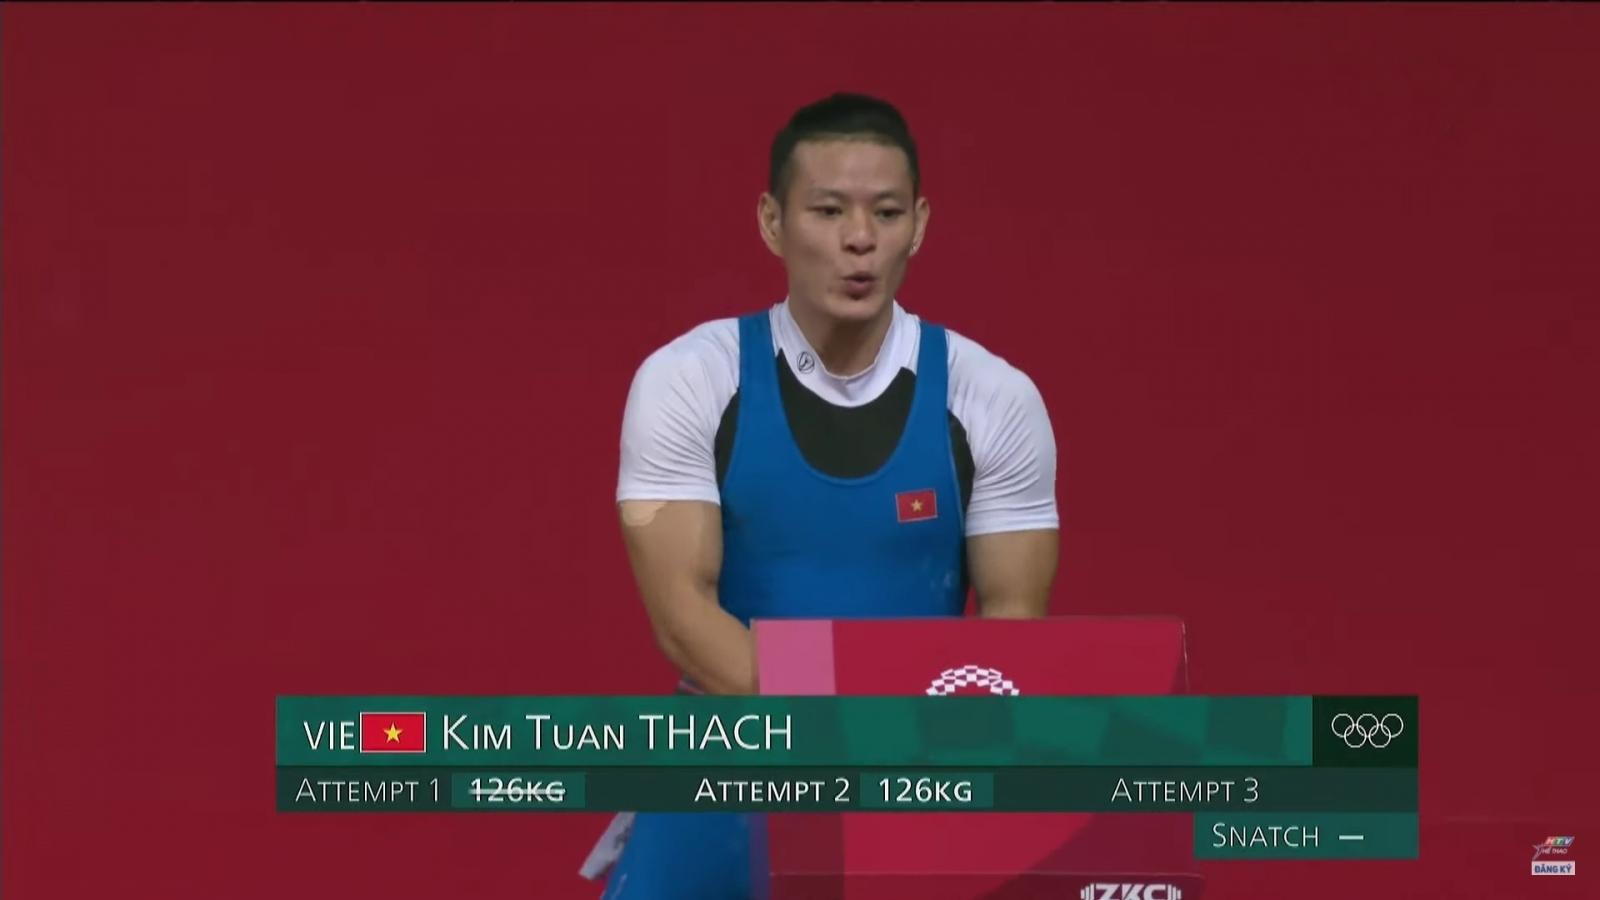 TRỰC TIẾP Olympic Tokyo 2020 ngày 25/7: Thạch Kim Tuấn thi đấu